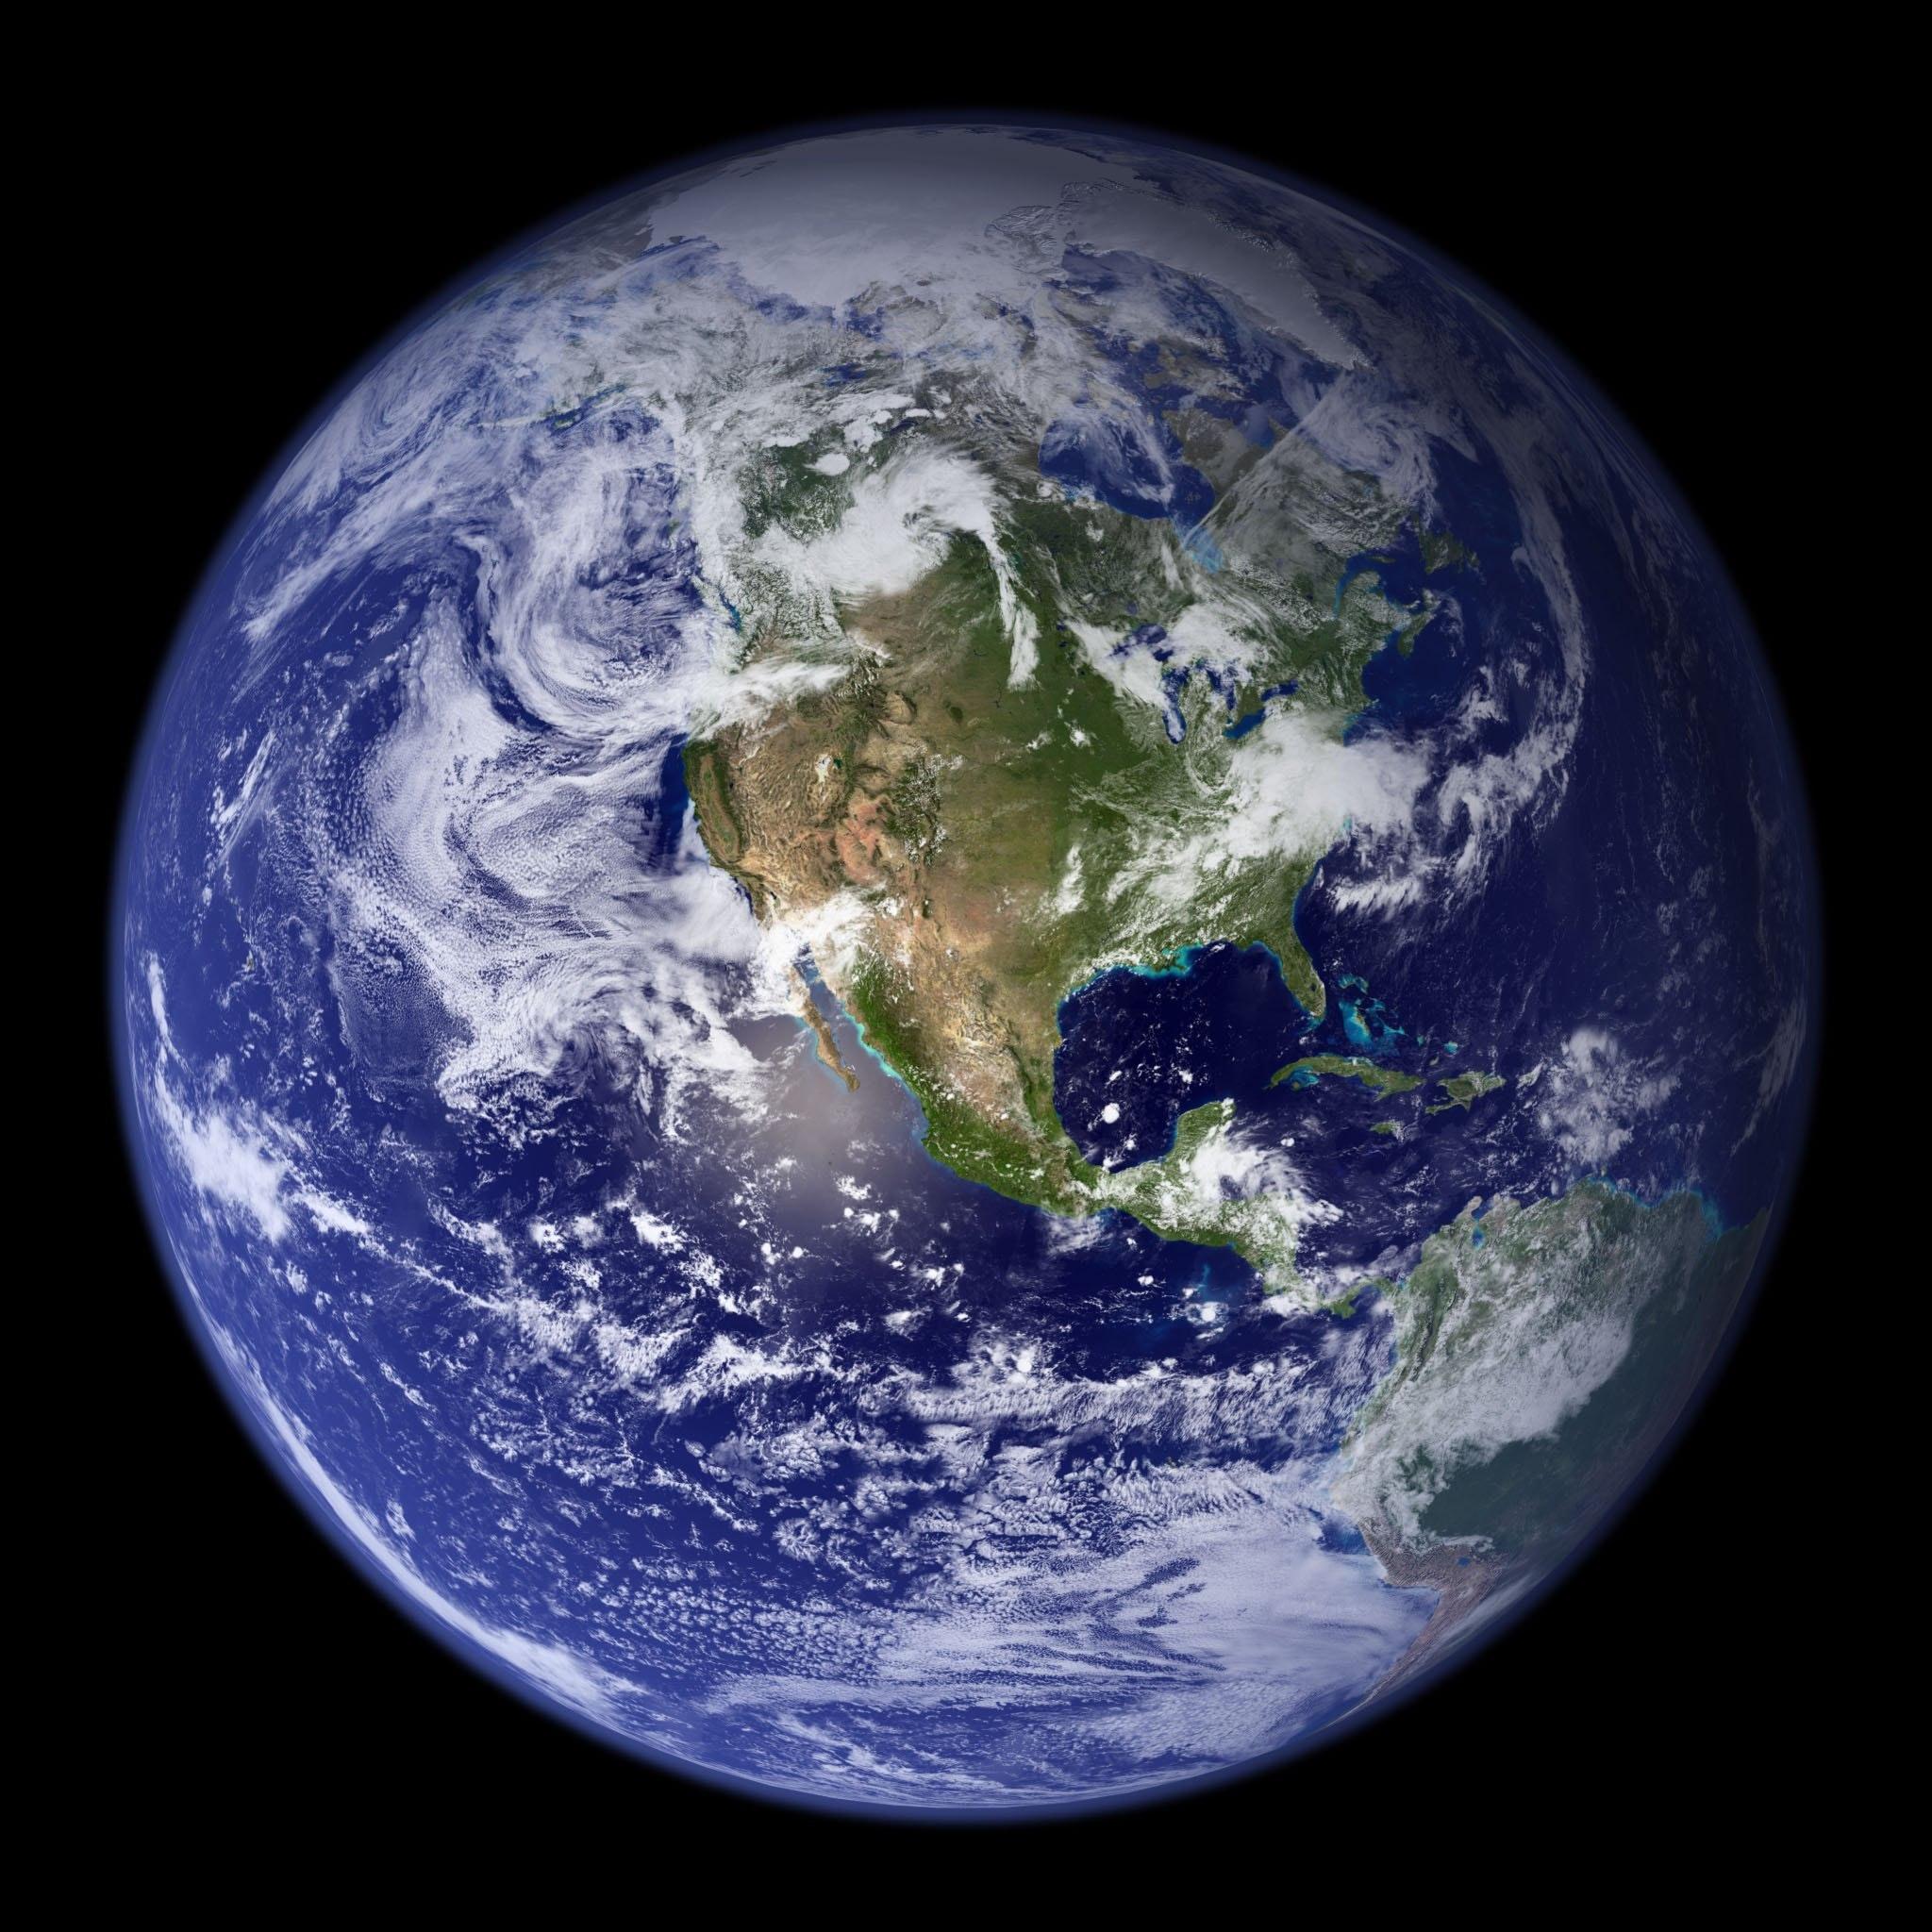 Image de la Terre